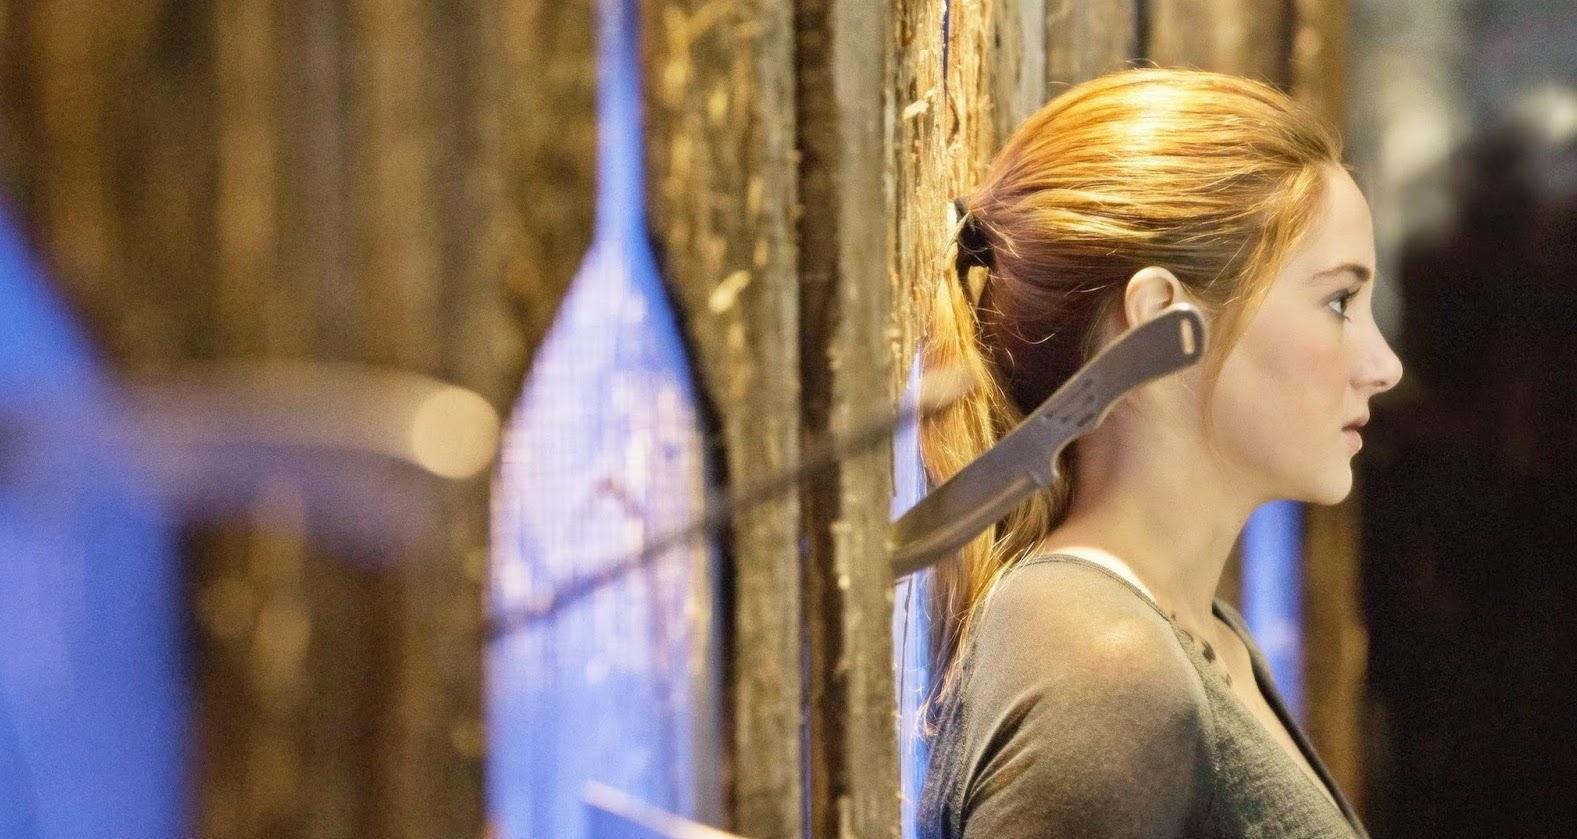 Divergent-2014-movie-stills-wallpapers.jpg